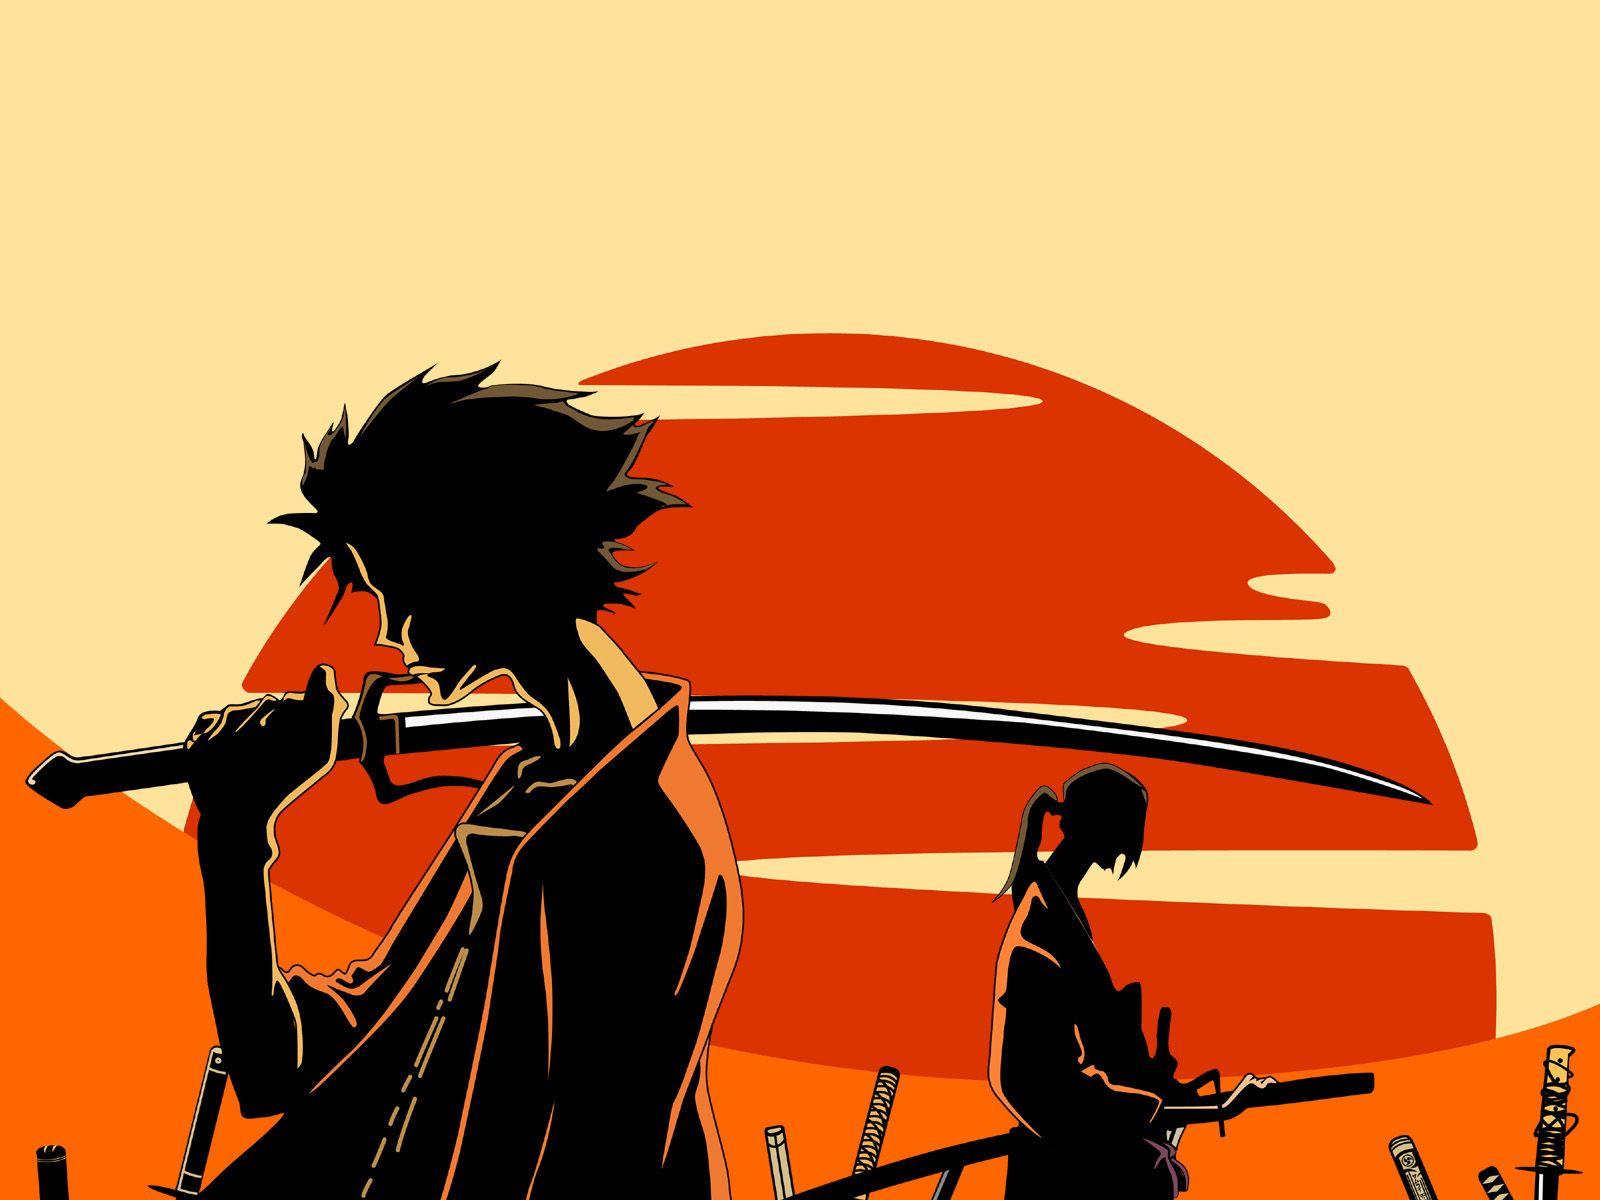 Mugen Anime Wallpaper Hd Wallpapers (High Definition